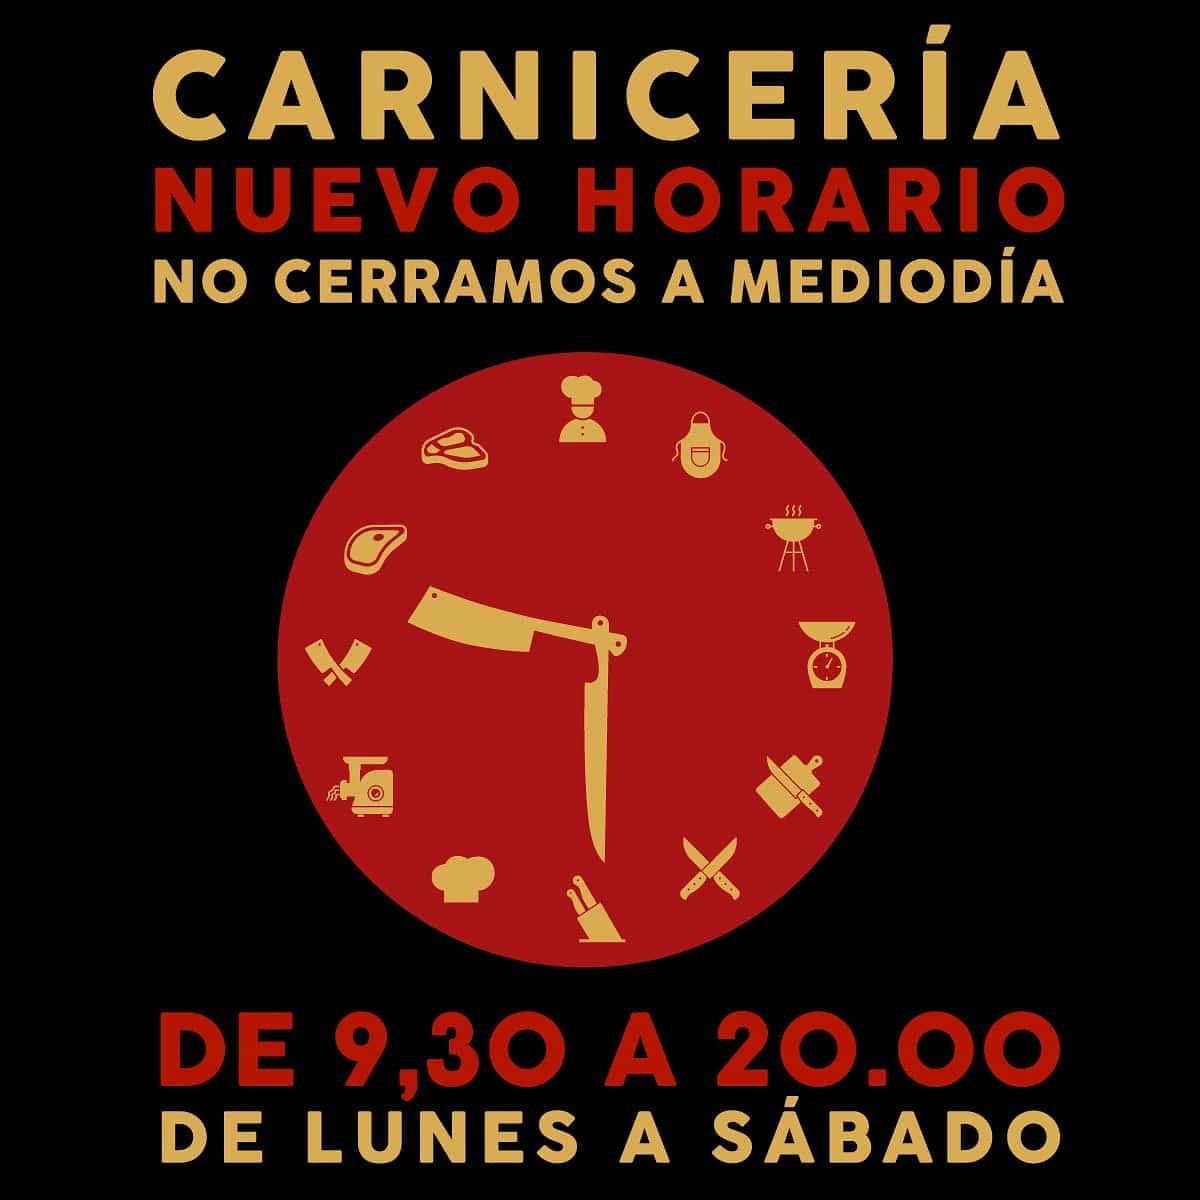 Nuevo Horario Carnicería Instinto Carnívoro